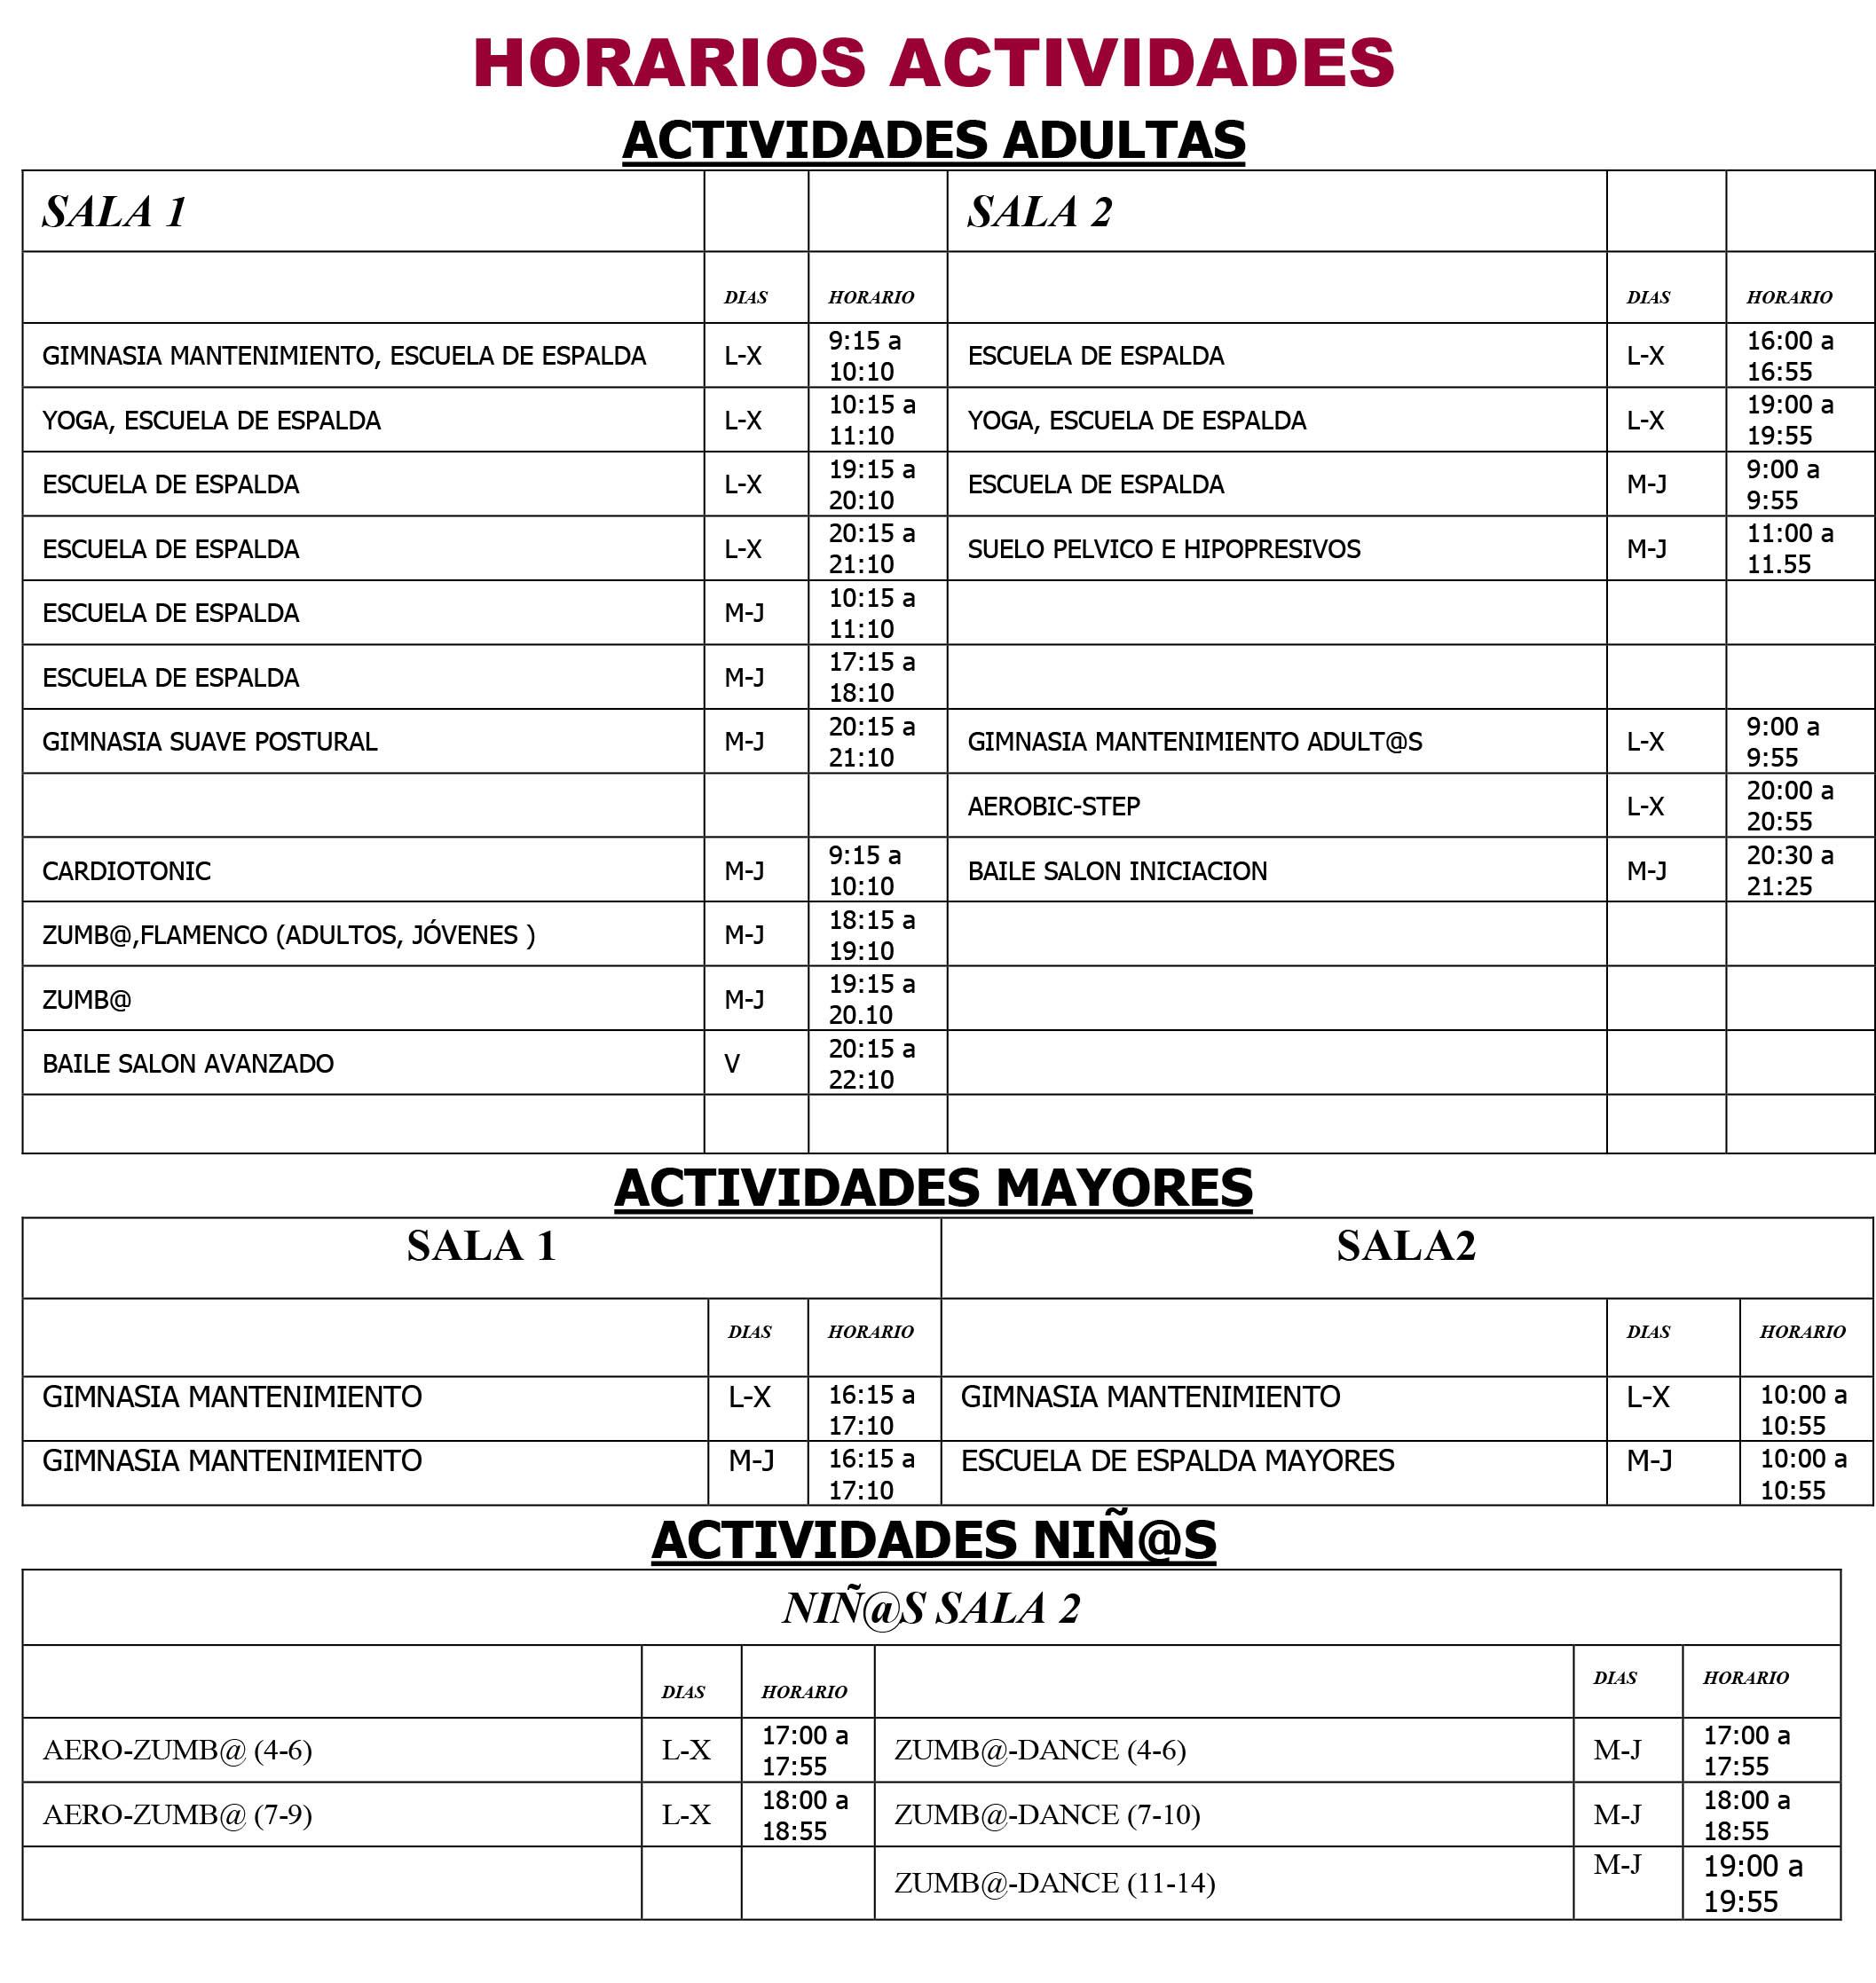 HORARIOS ACTIVIDADES 2021 22